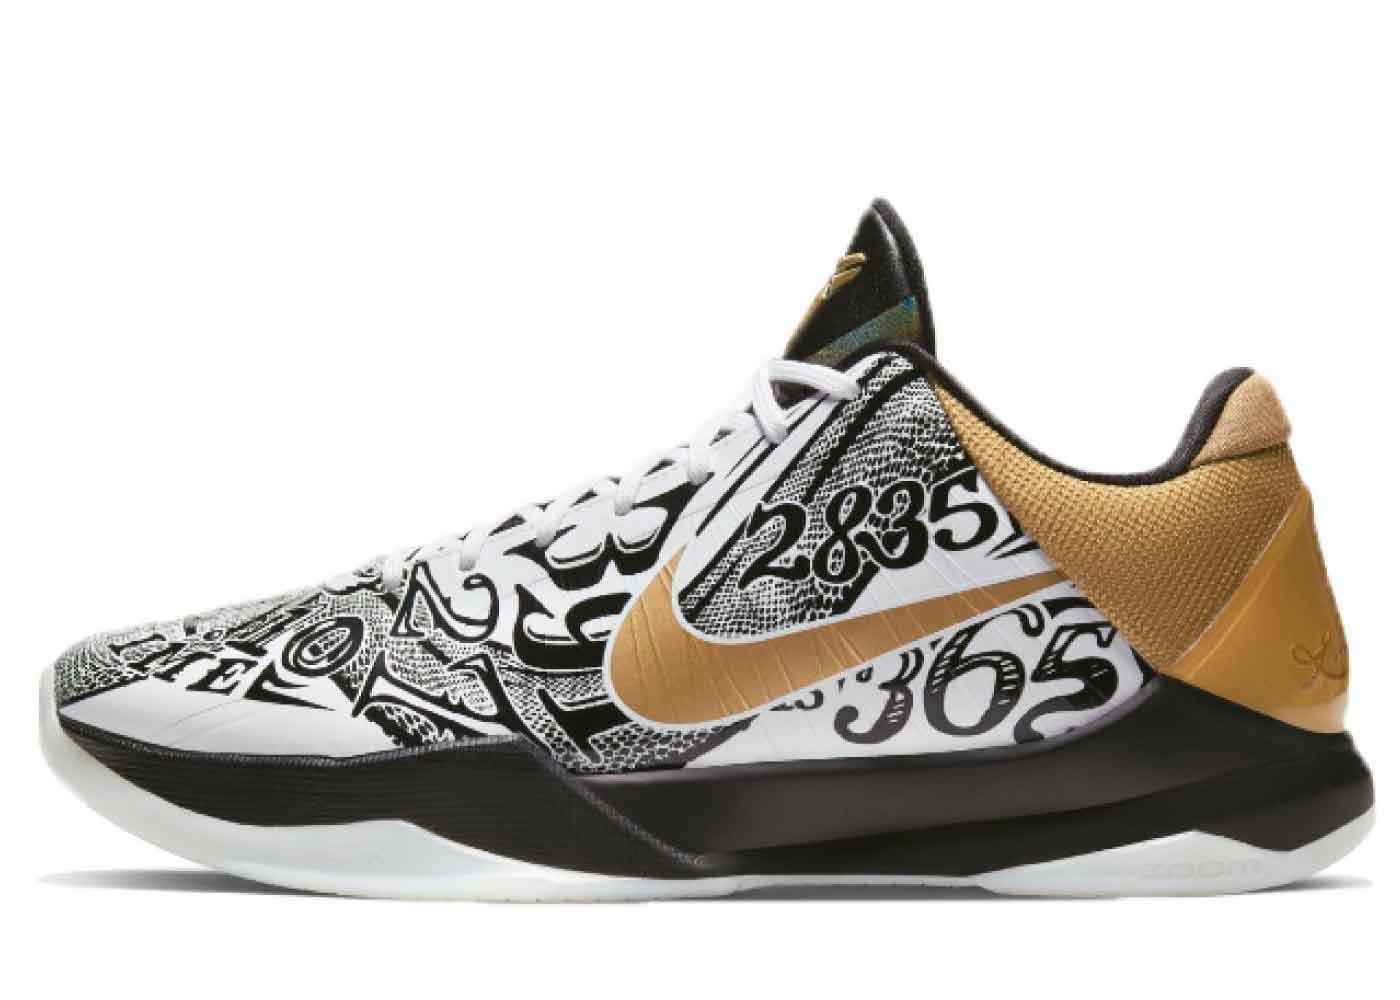 Nike Kobe 5 Protro Big Stage の写真